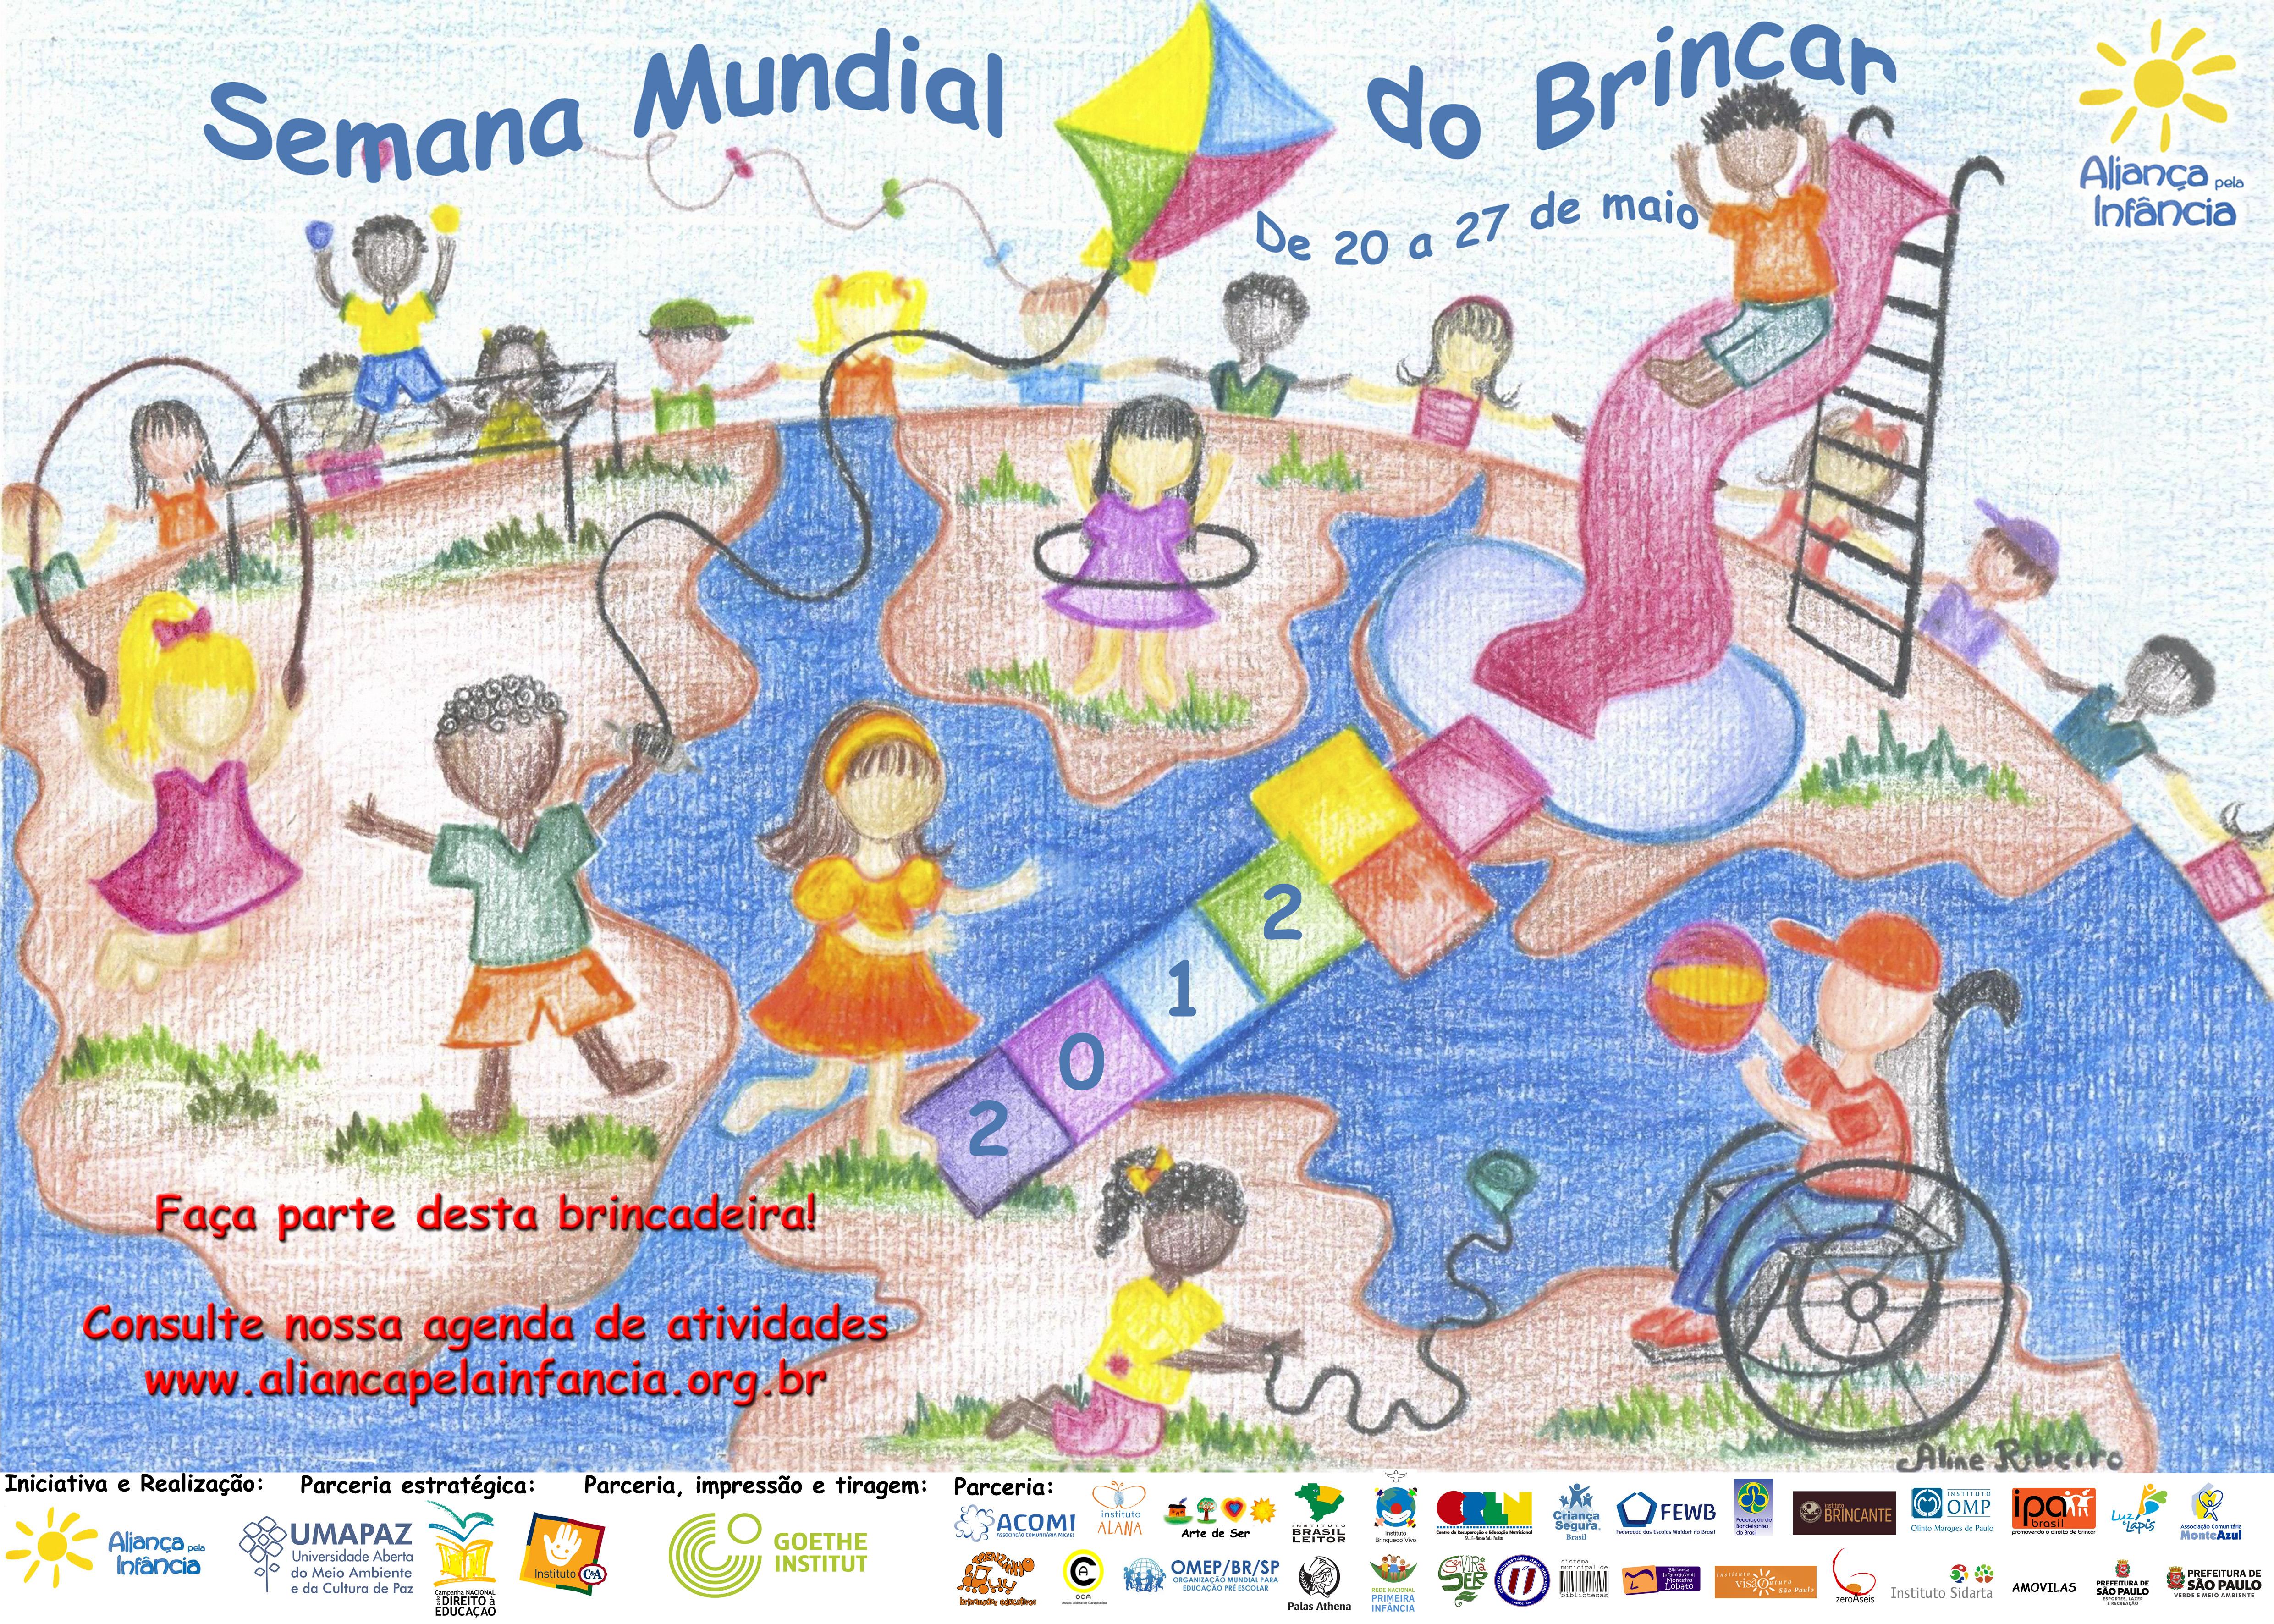 Semana Mundial do Brincar 2016 – uma ação encantada